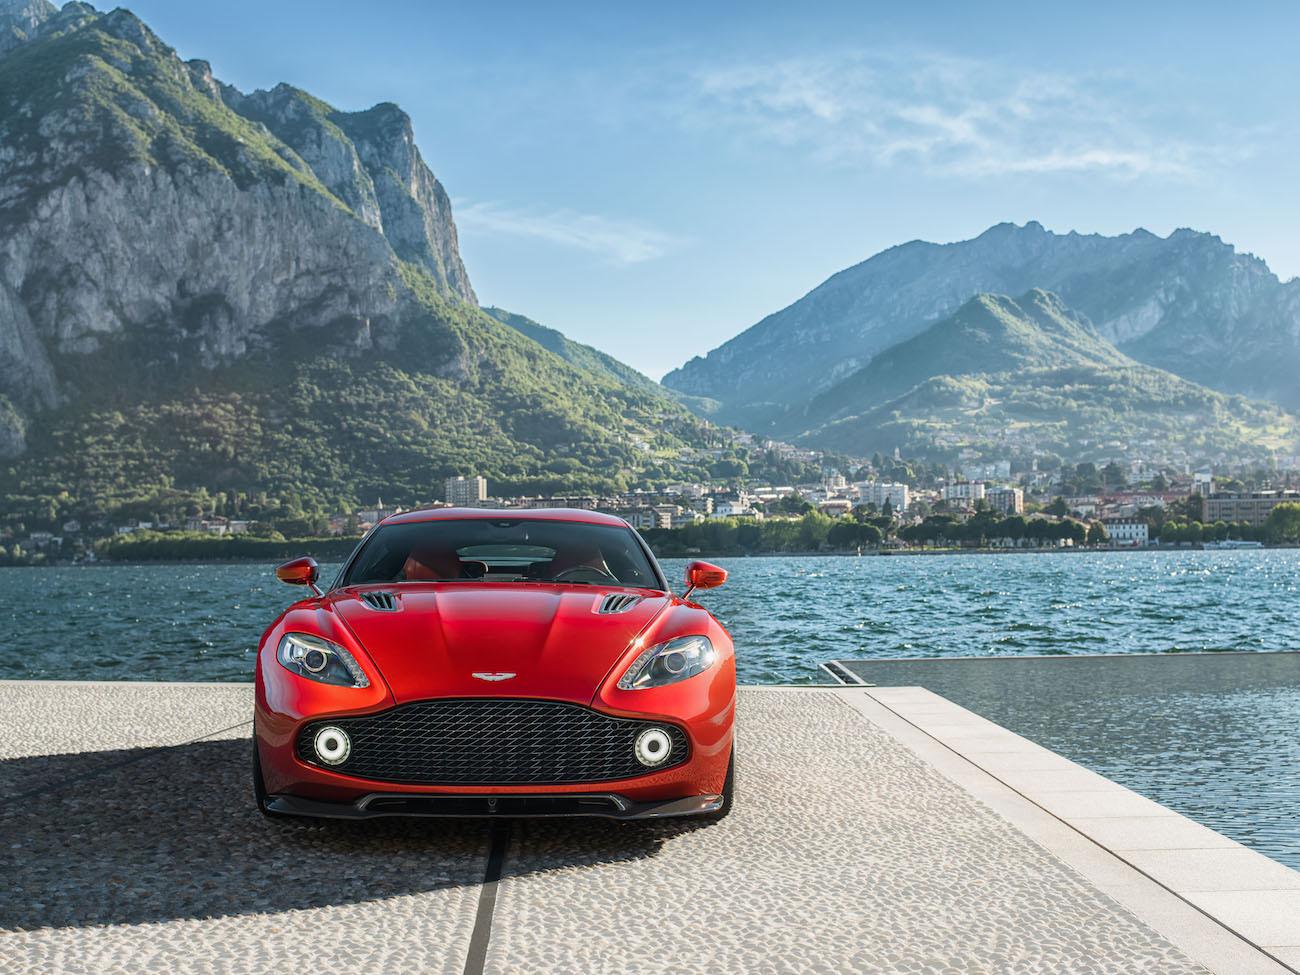 Aston-Martin-Vanquish-Zagato-7